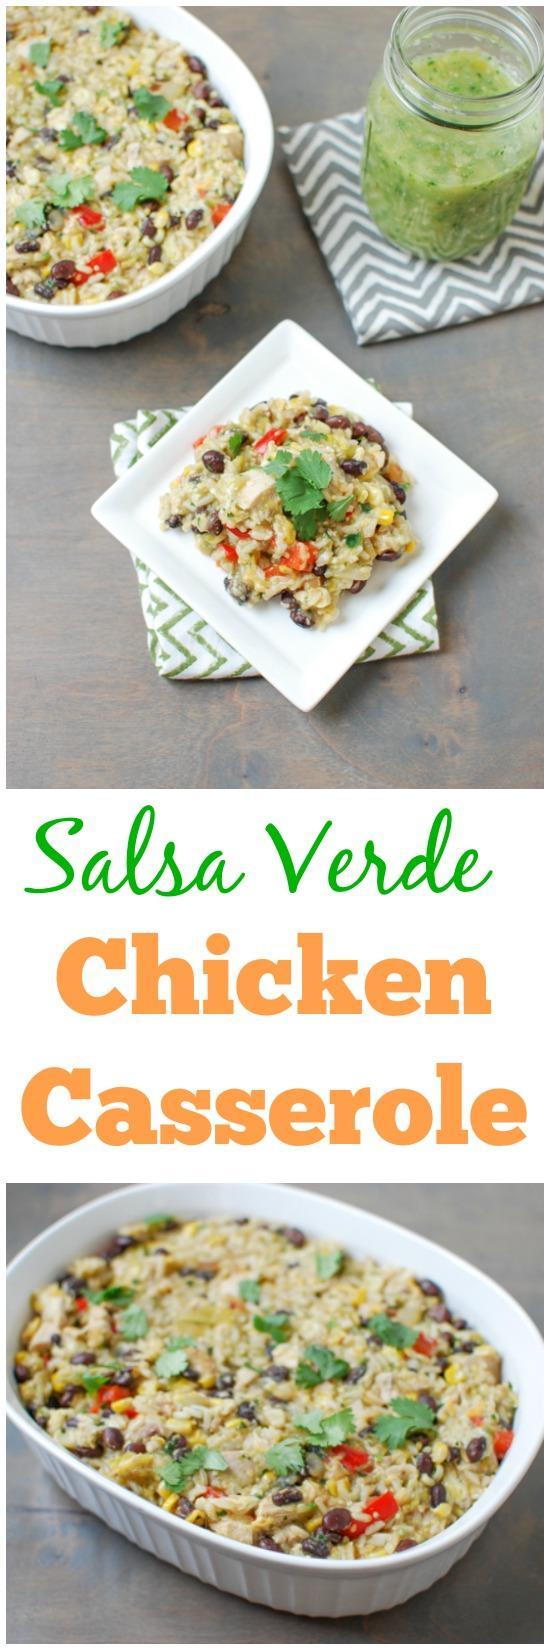 Salsa Verde Chicken Casserole | The Lean Green Bean | Bloglovin'